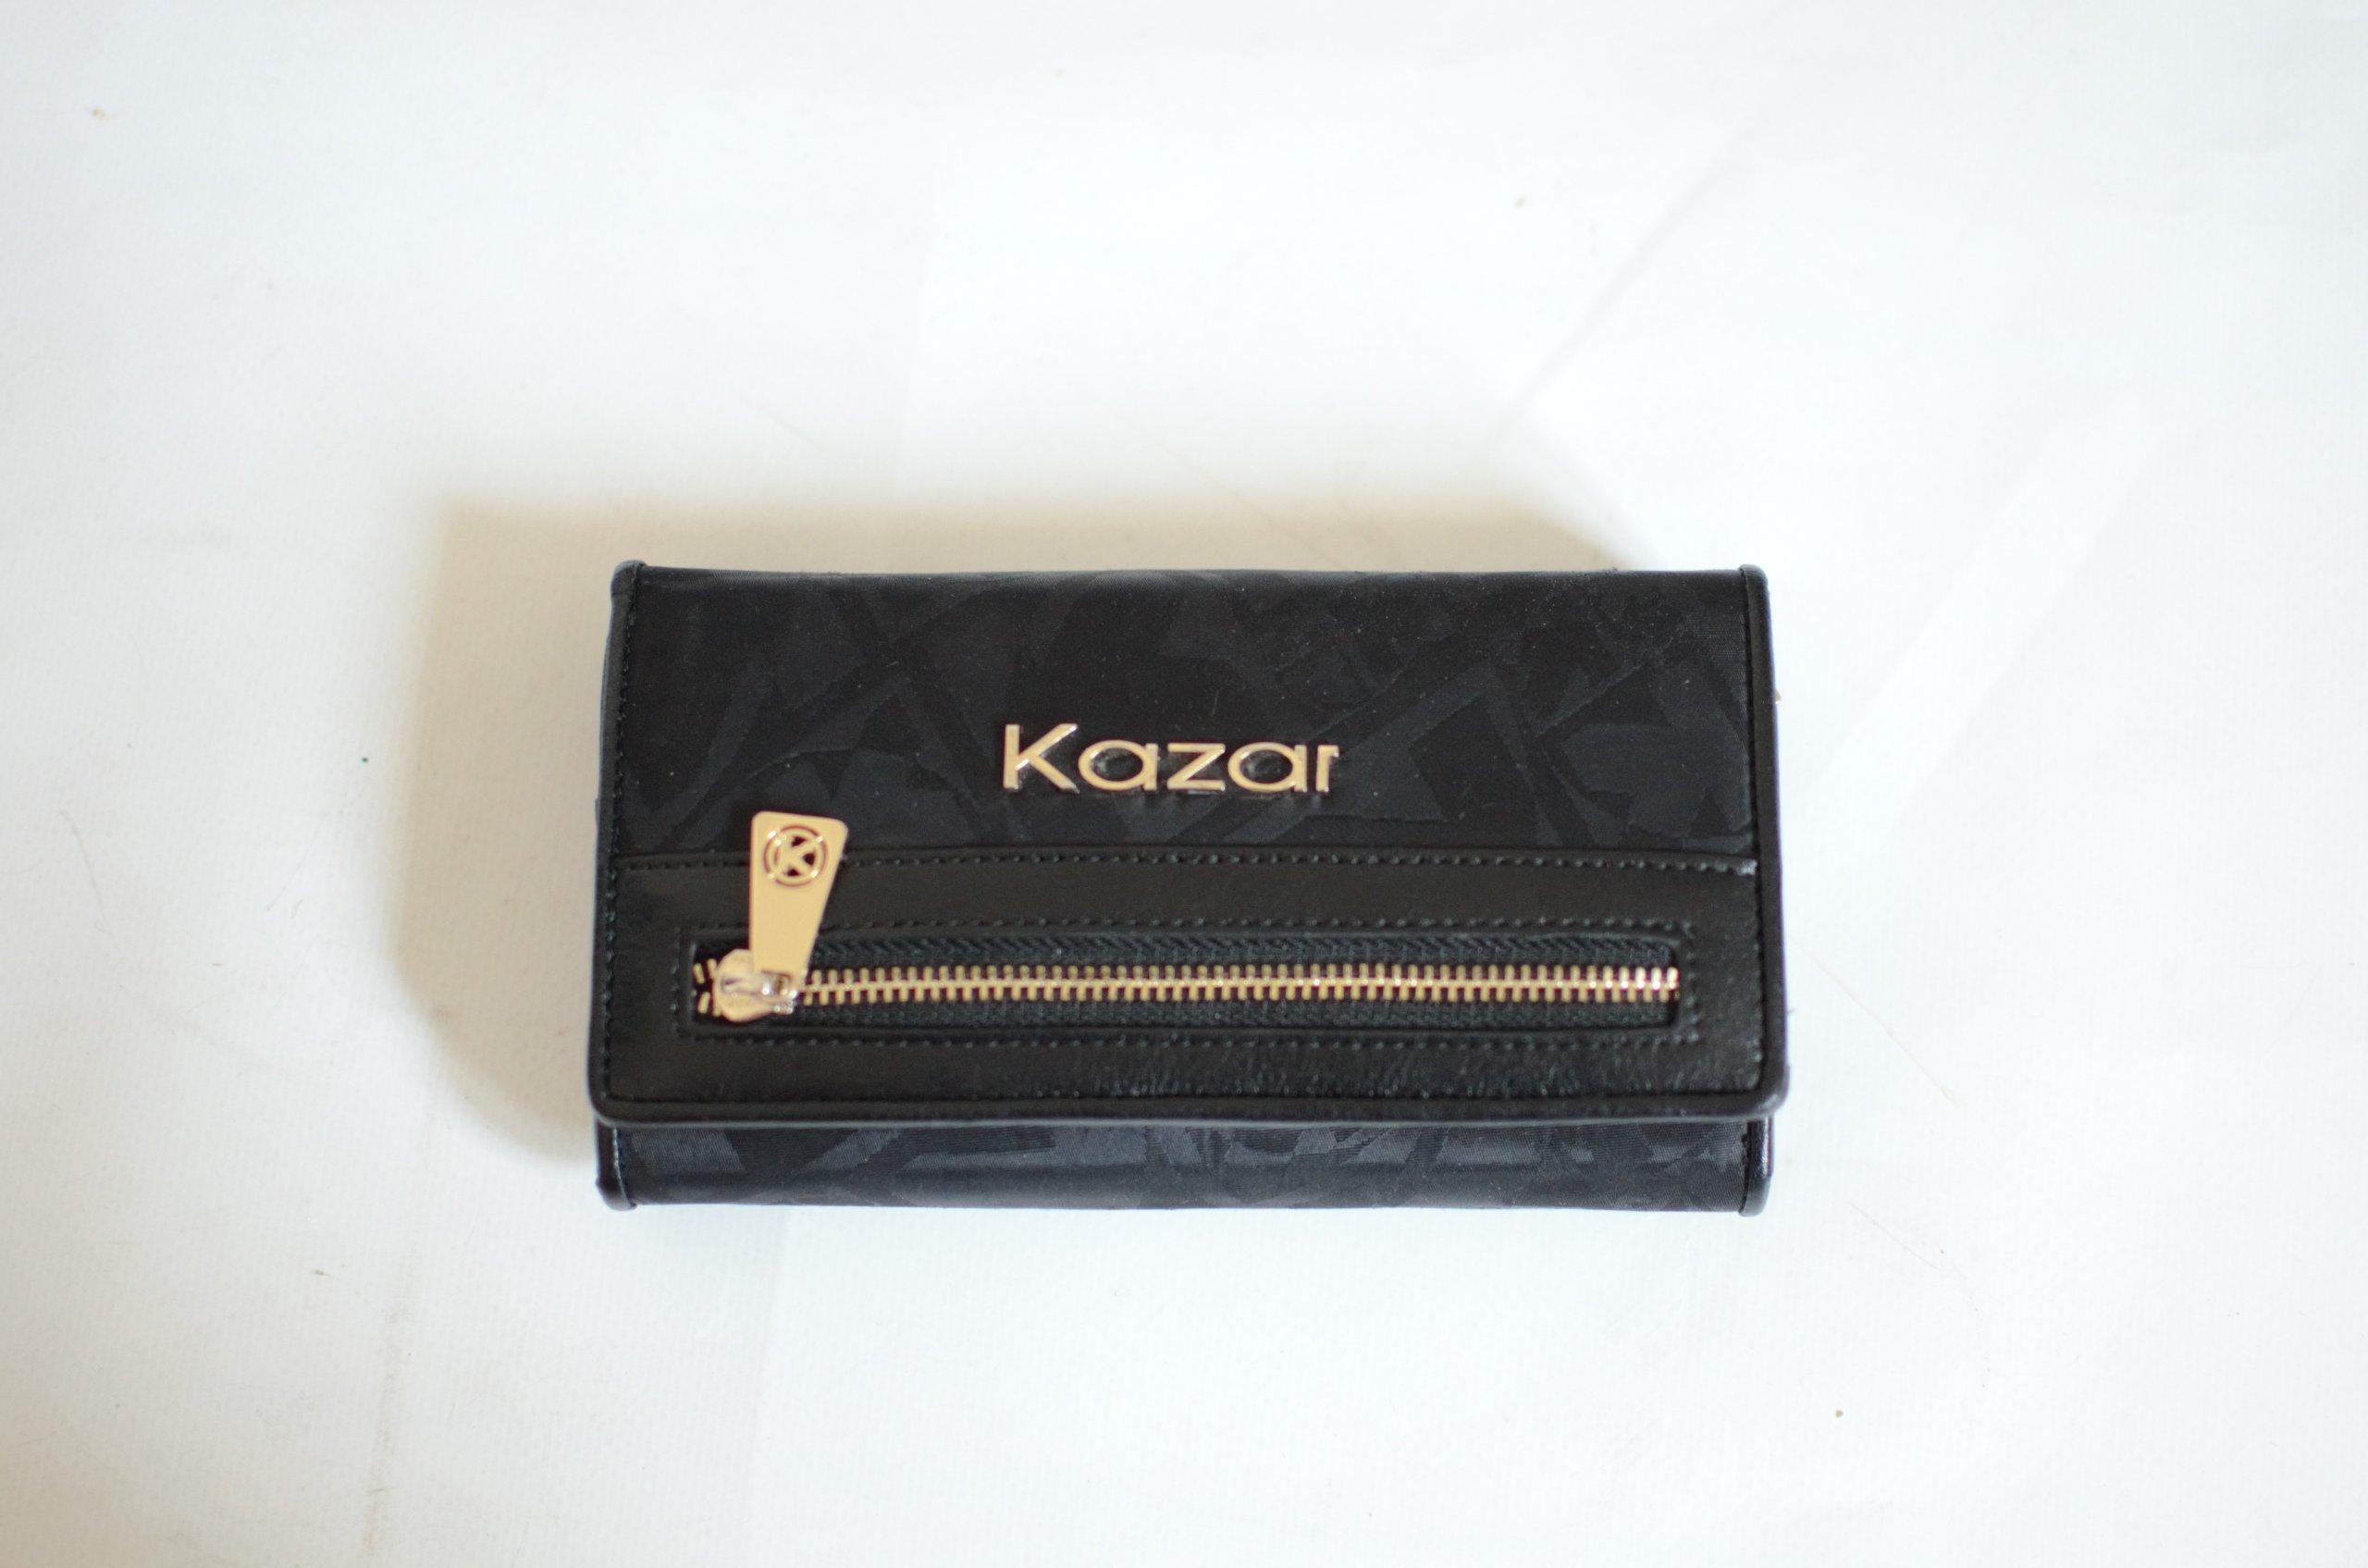 089d2ee3efdb8 Portfel damski KAZAR czarny - 7396093506 - oficjalne archiwum allegro